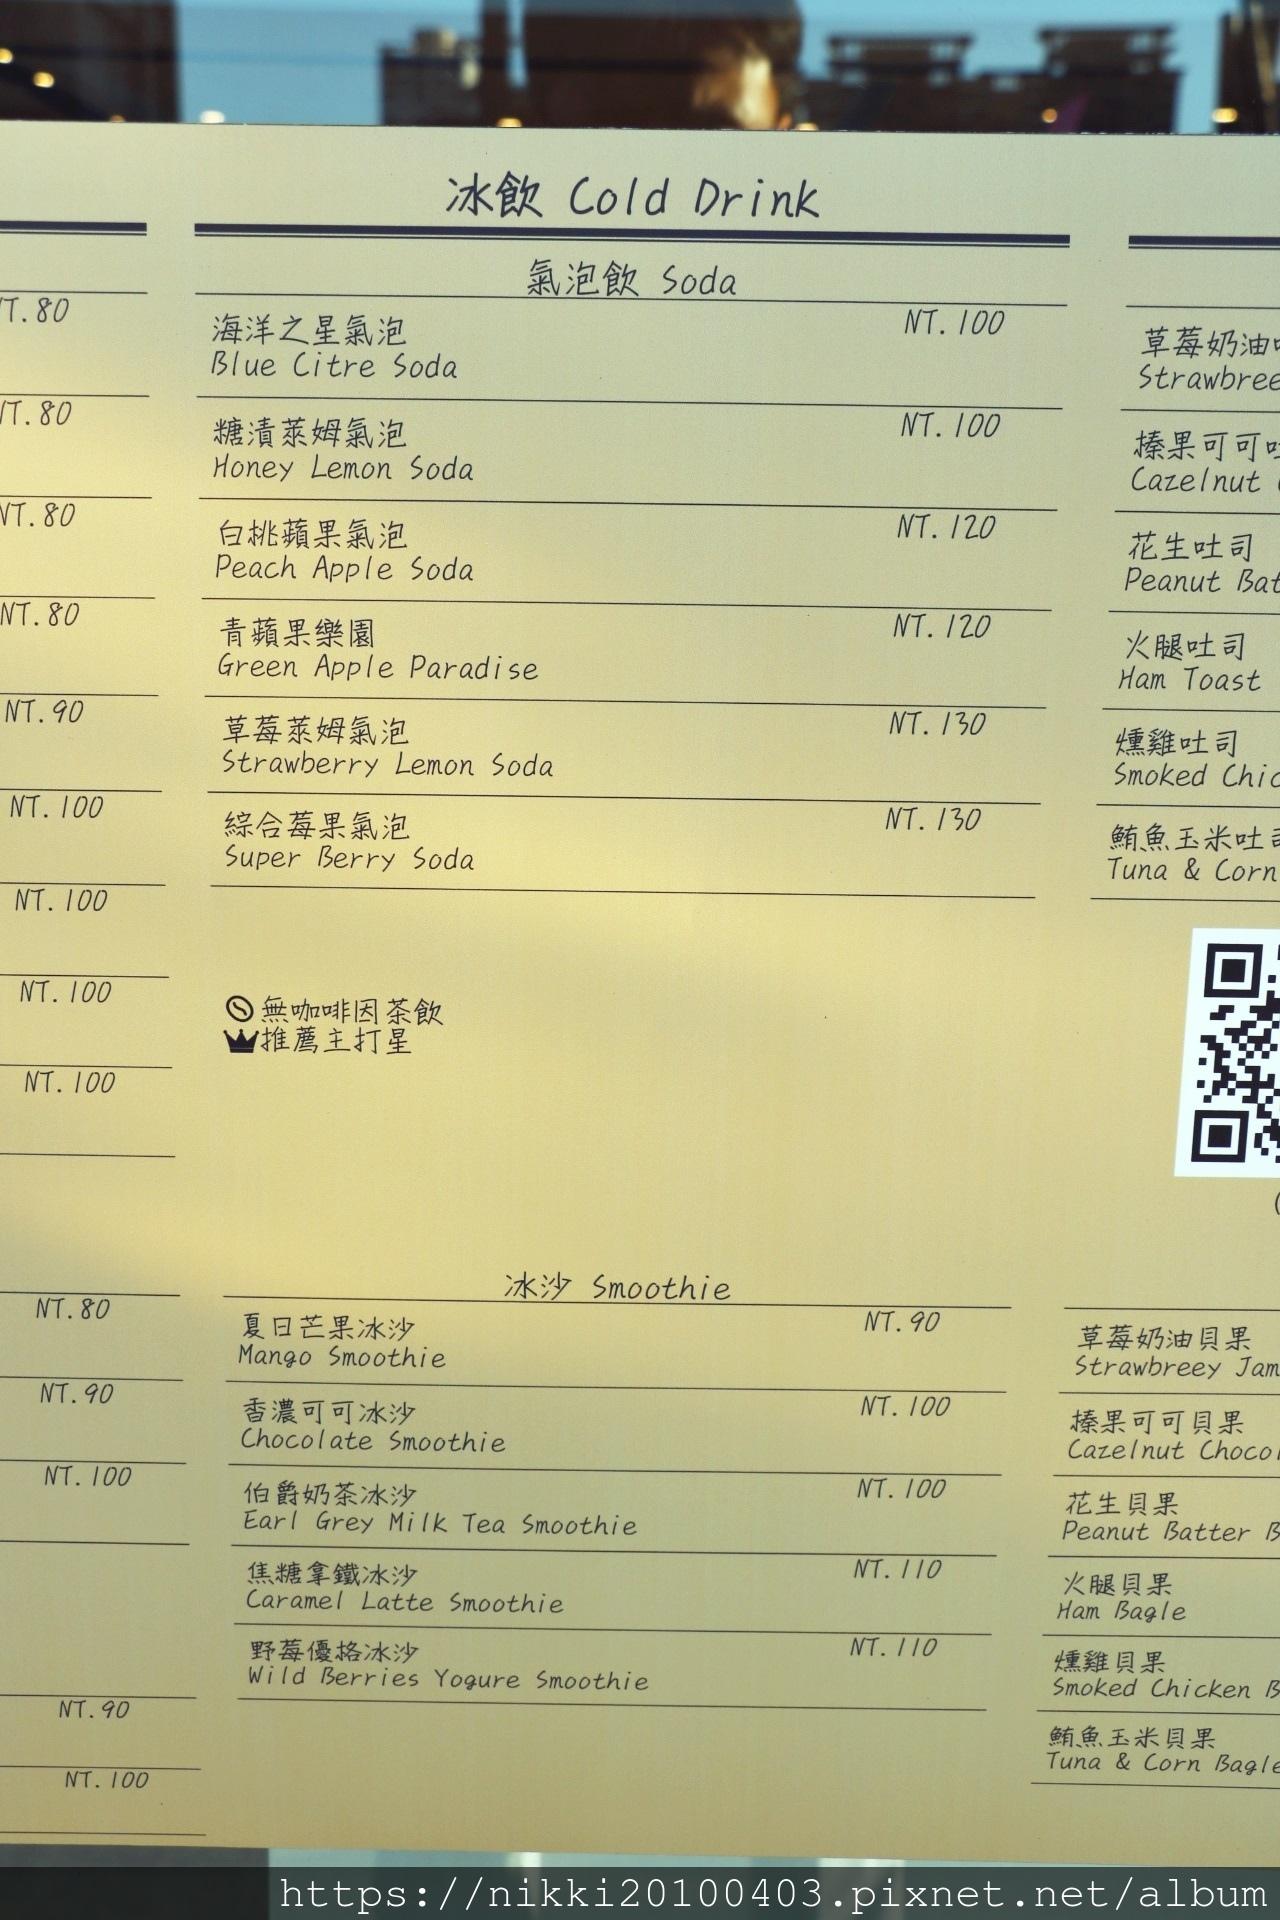 職藝咖啡 (5).JPG